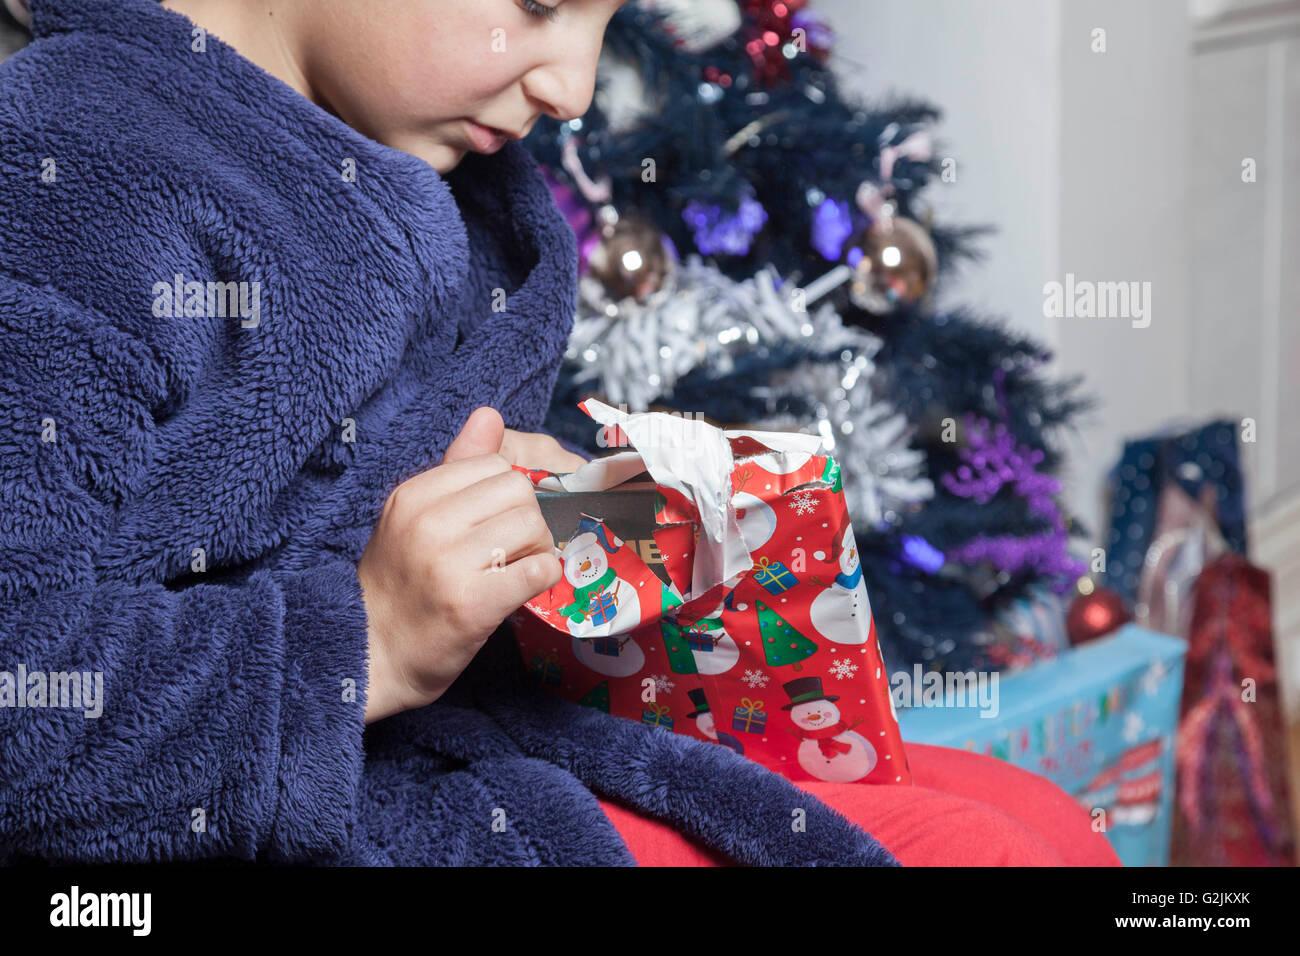 La mañana de Navidad- joven abre presente bajo el árbol de navidad - detalle Imagen De Stock